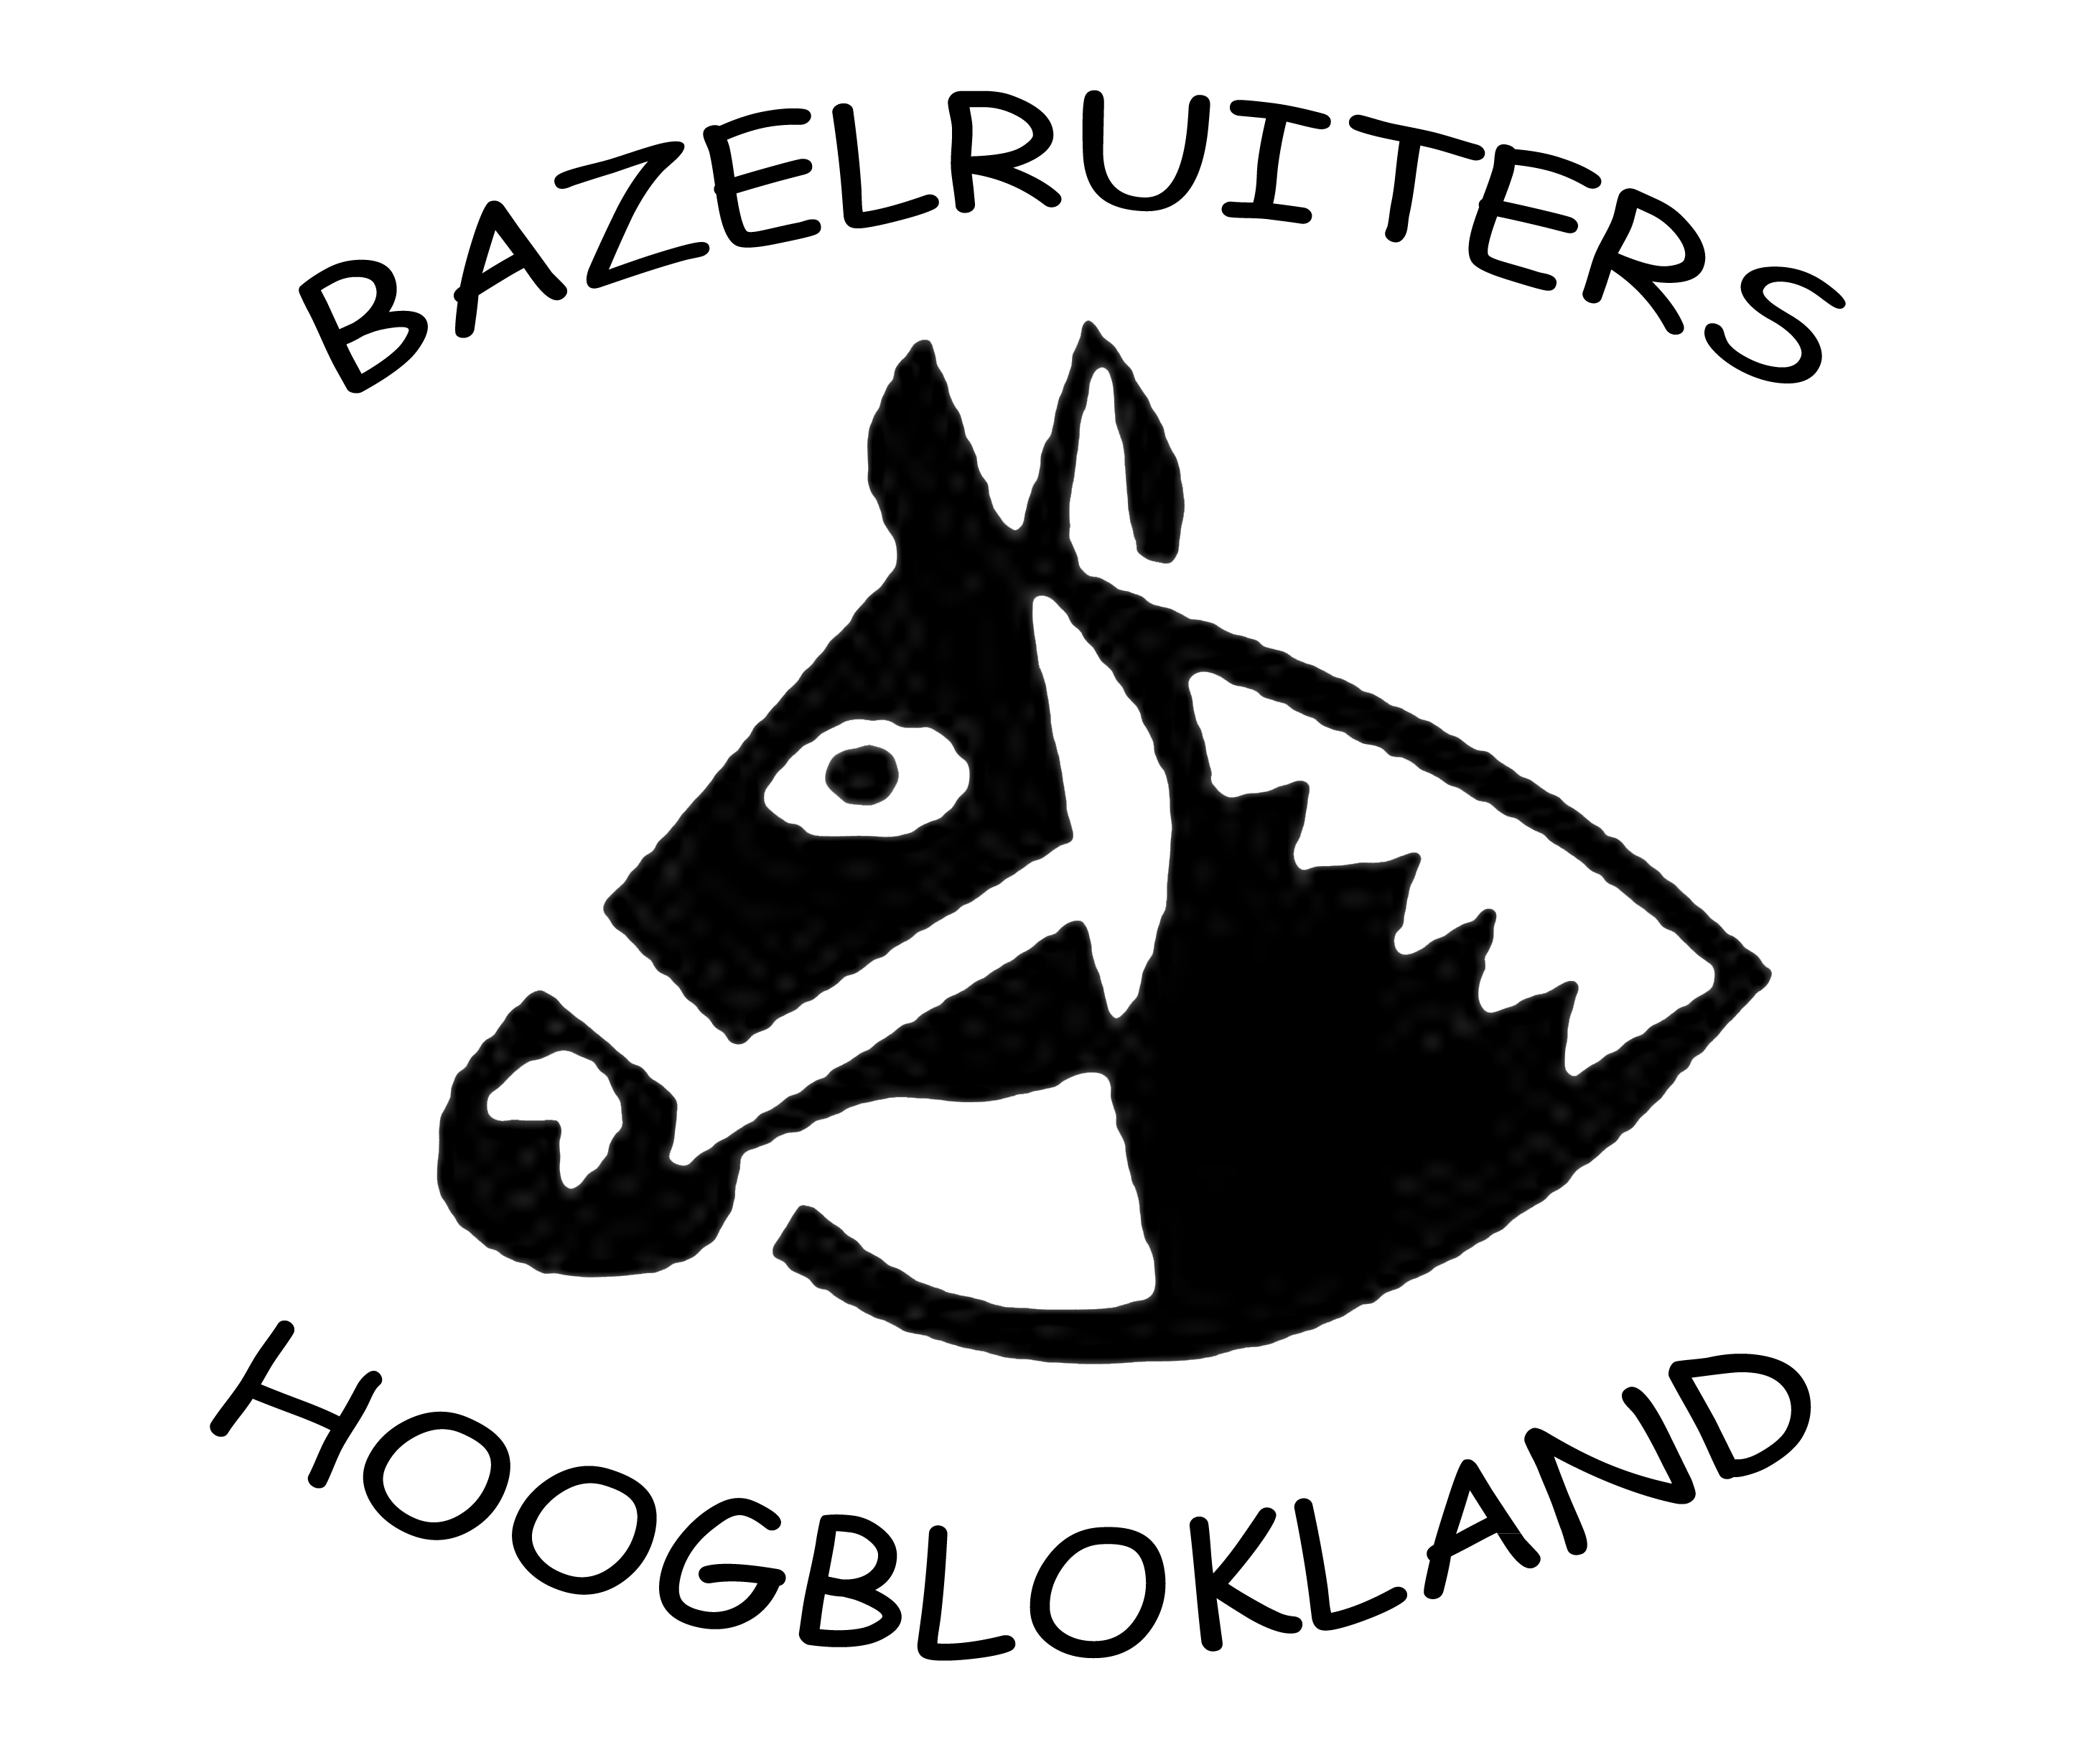 Logo Bazelruiters